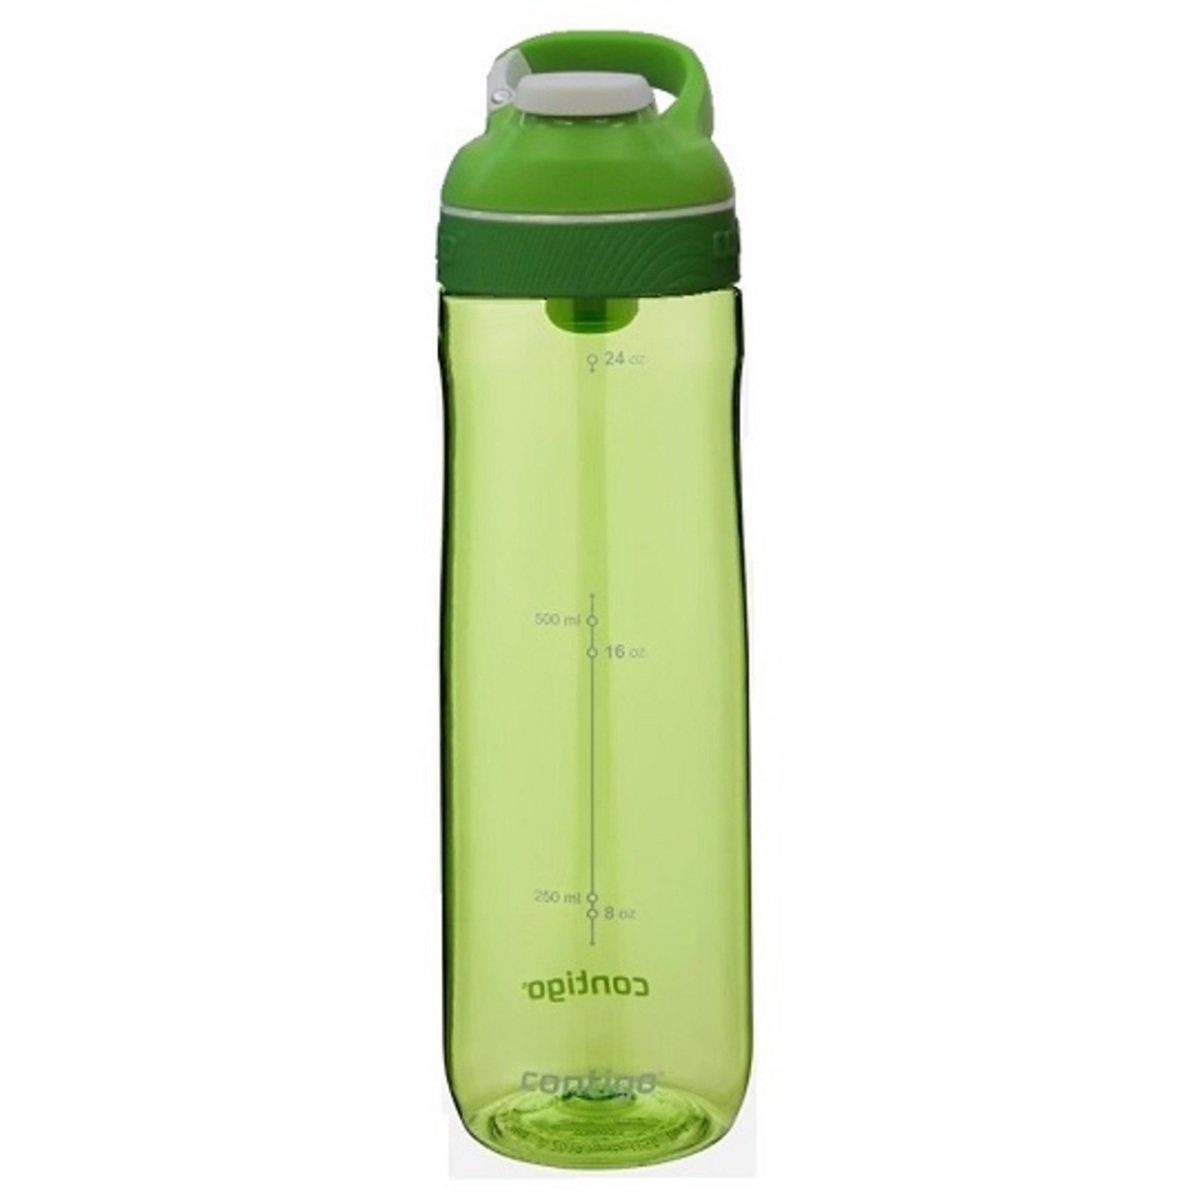 Cortland 運動偷閒杯 - 綠色杯綠色蓋